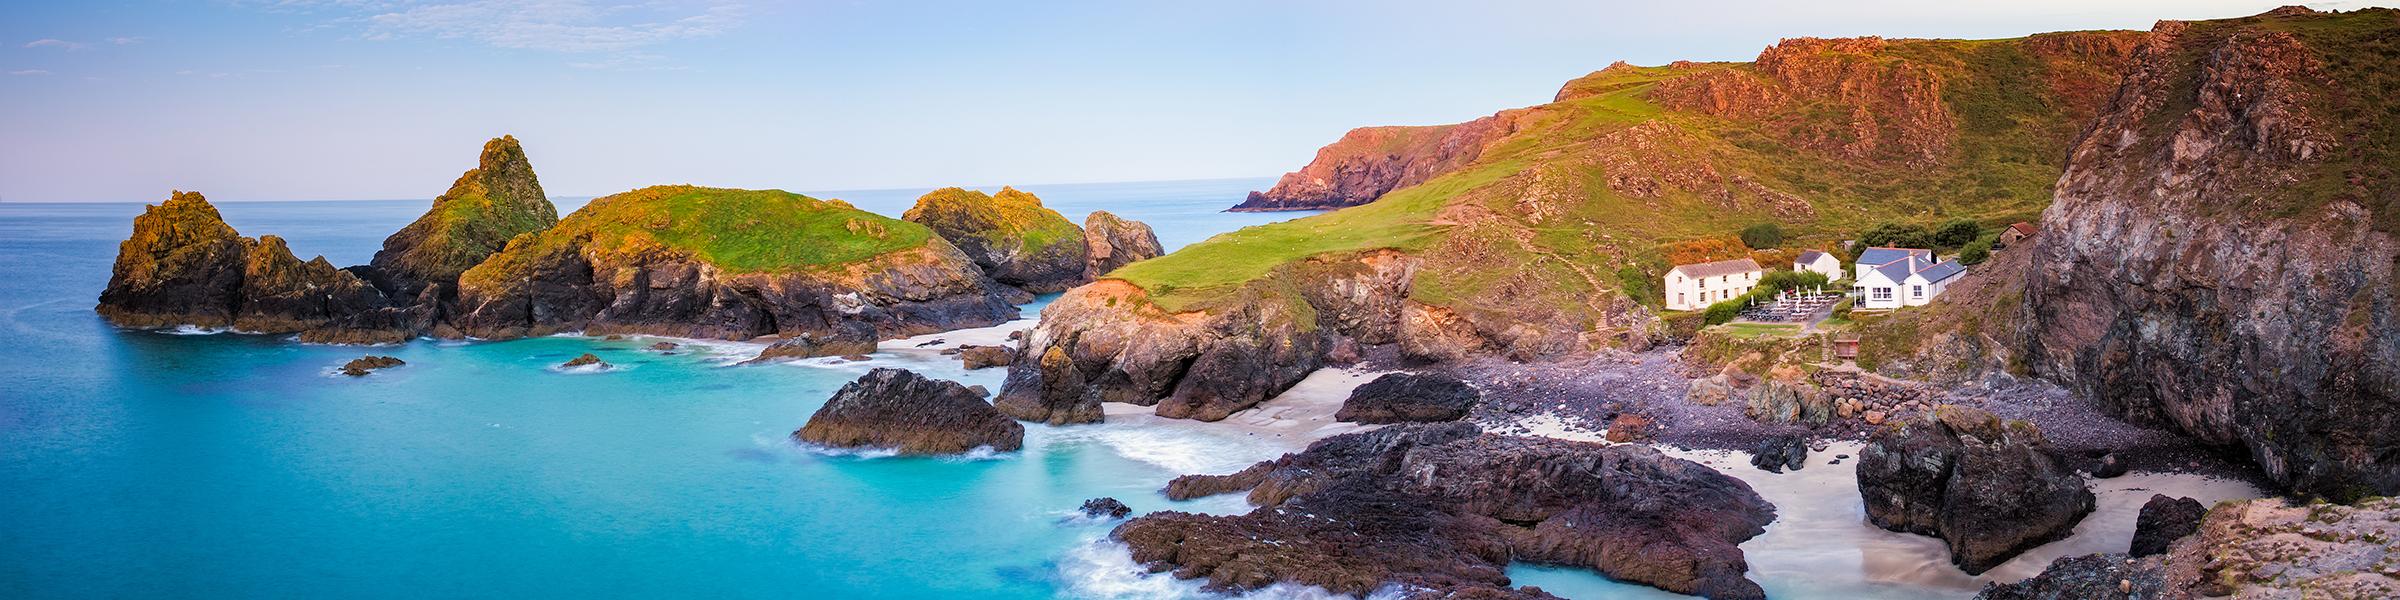 United Kingdom Cornwall Kynance Cove